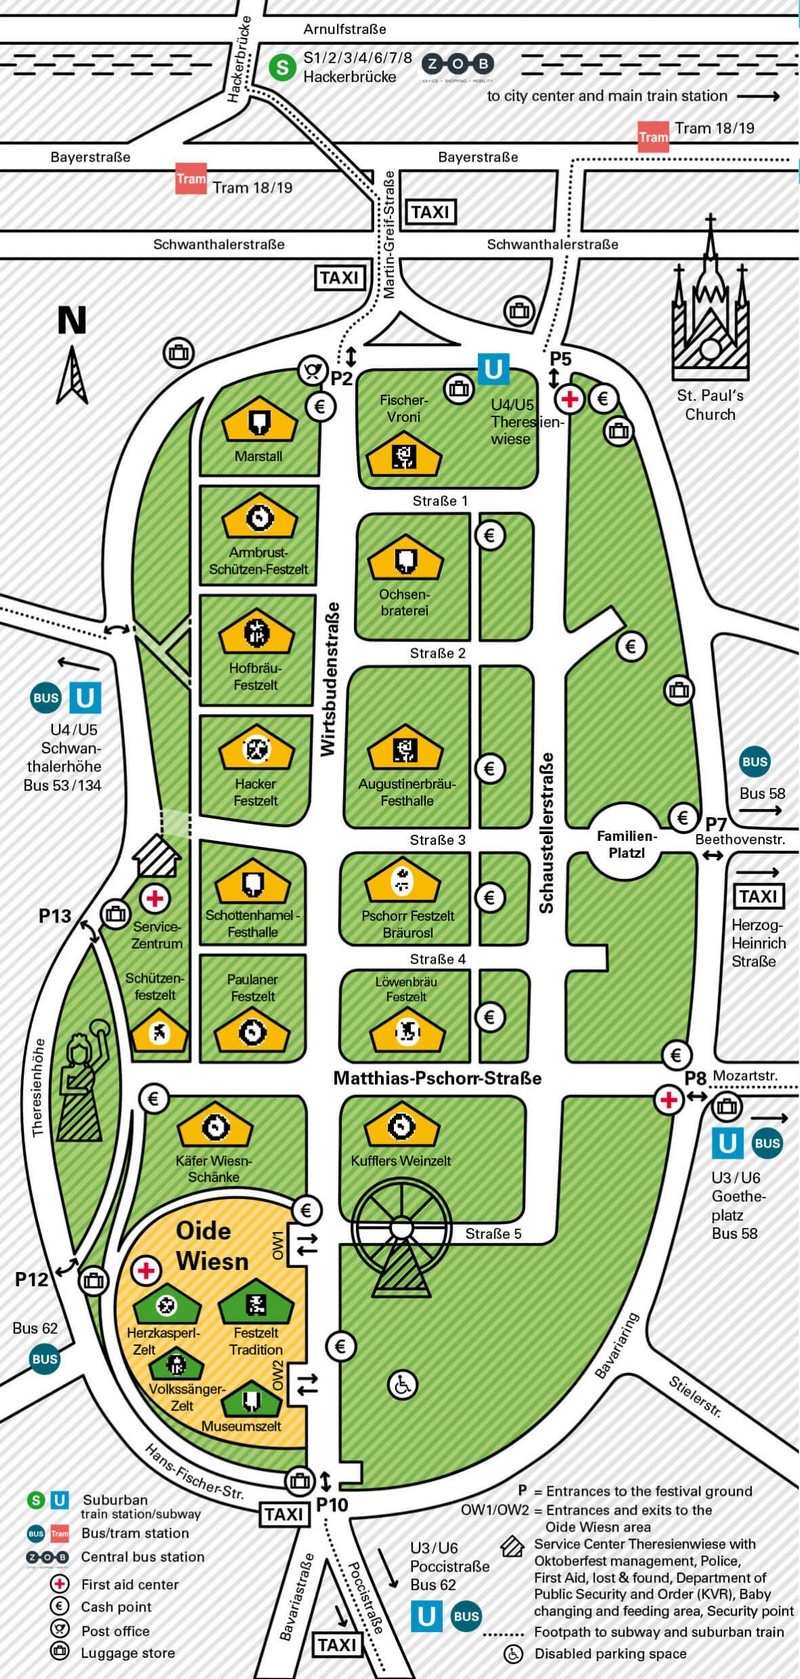 plan des tentes de l'oktoberfest de munich en 2019